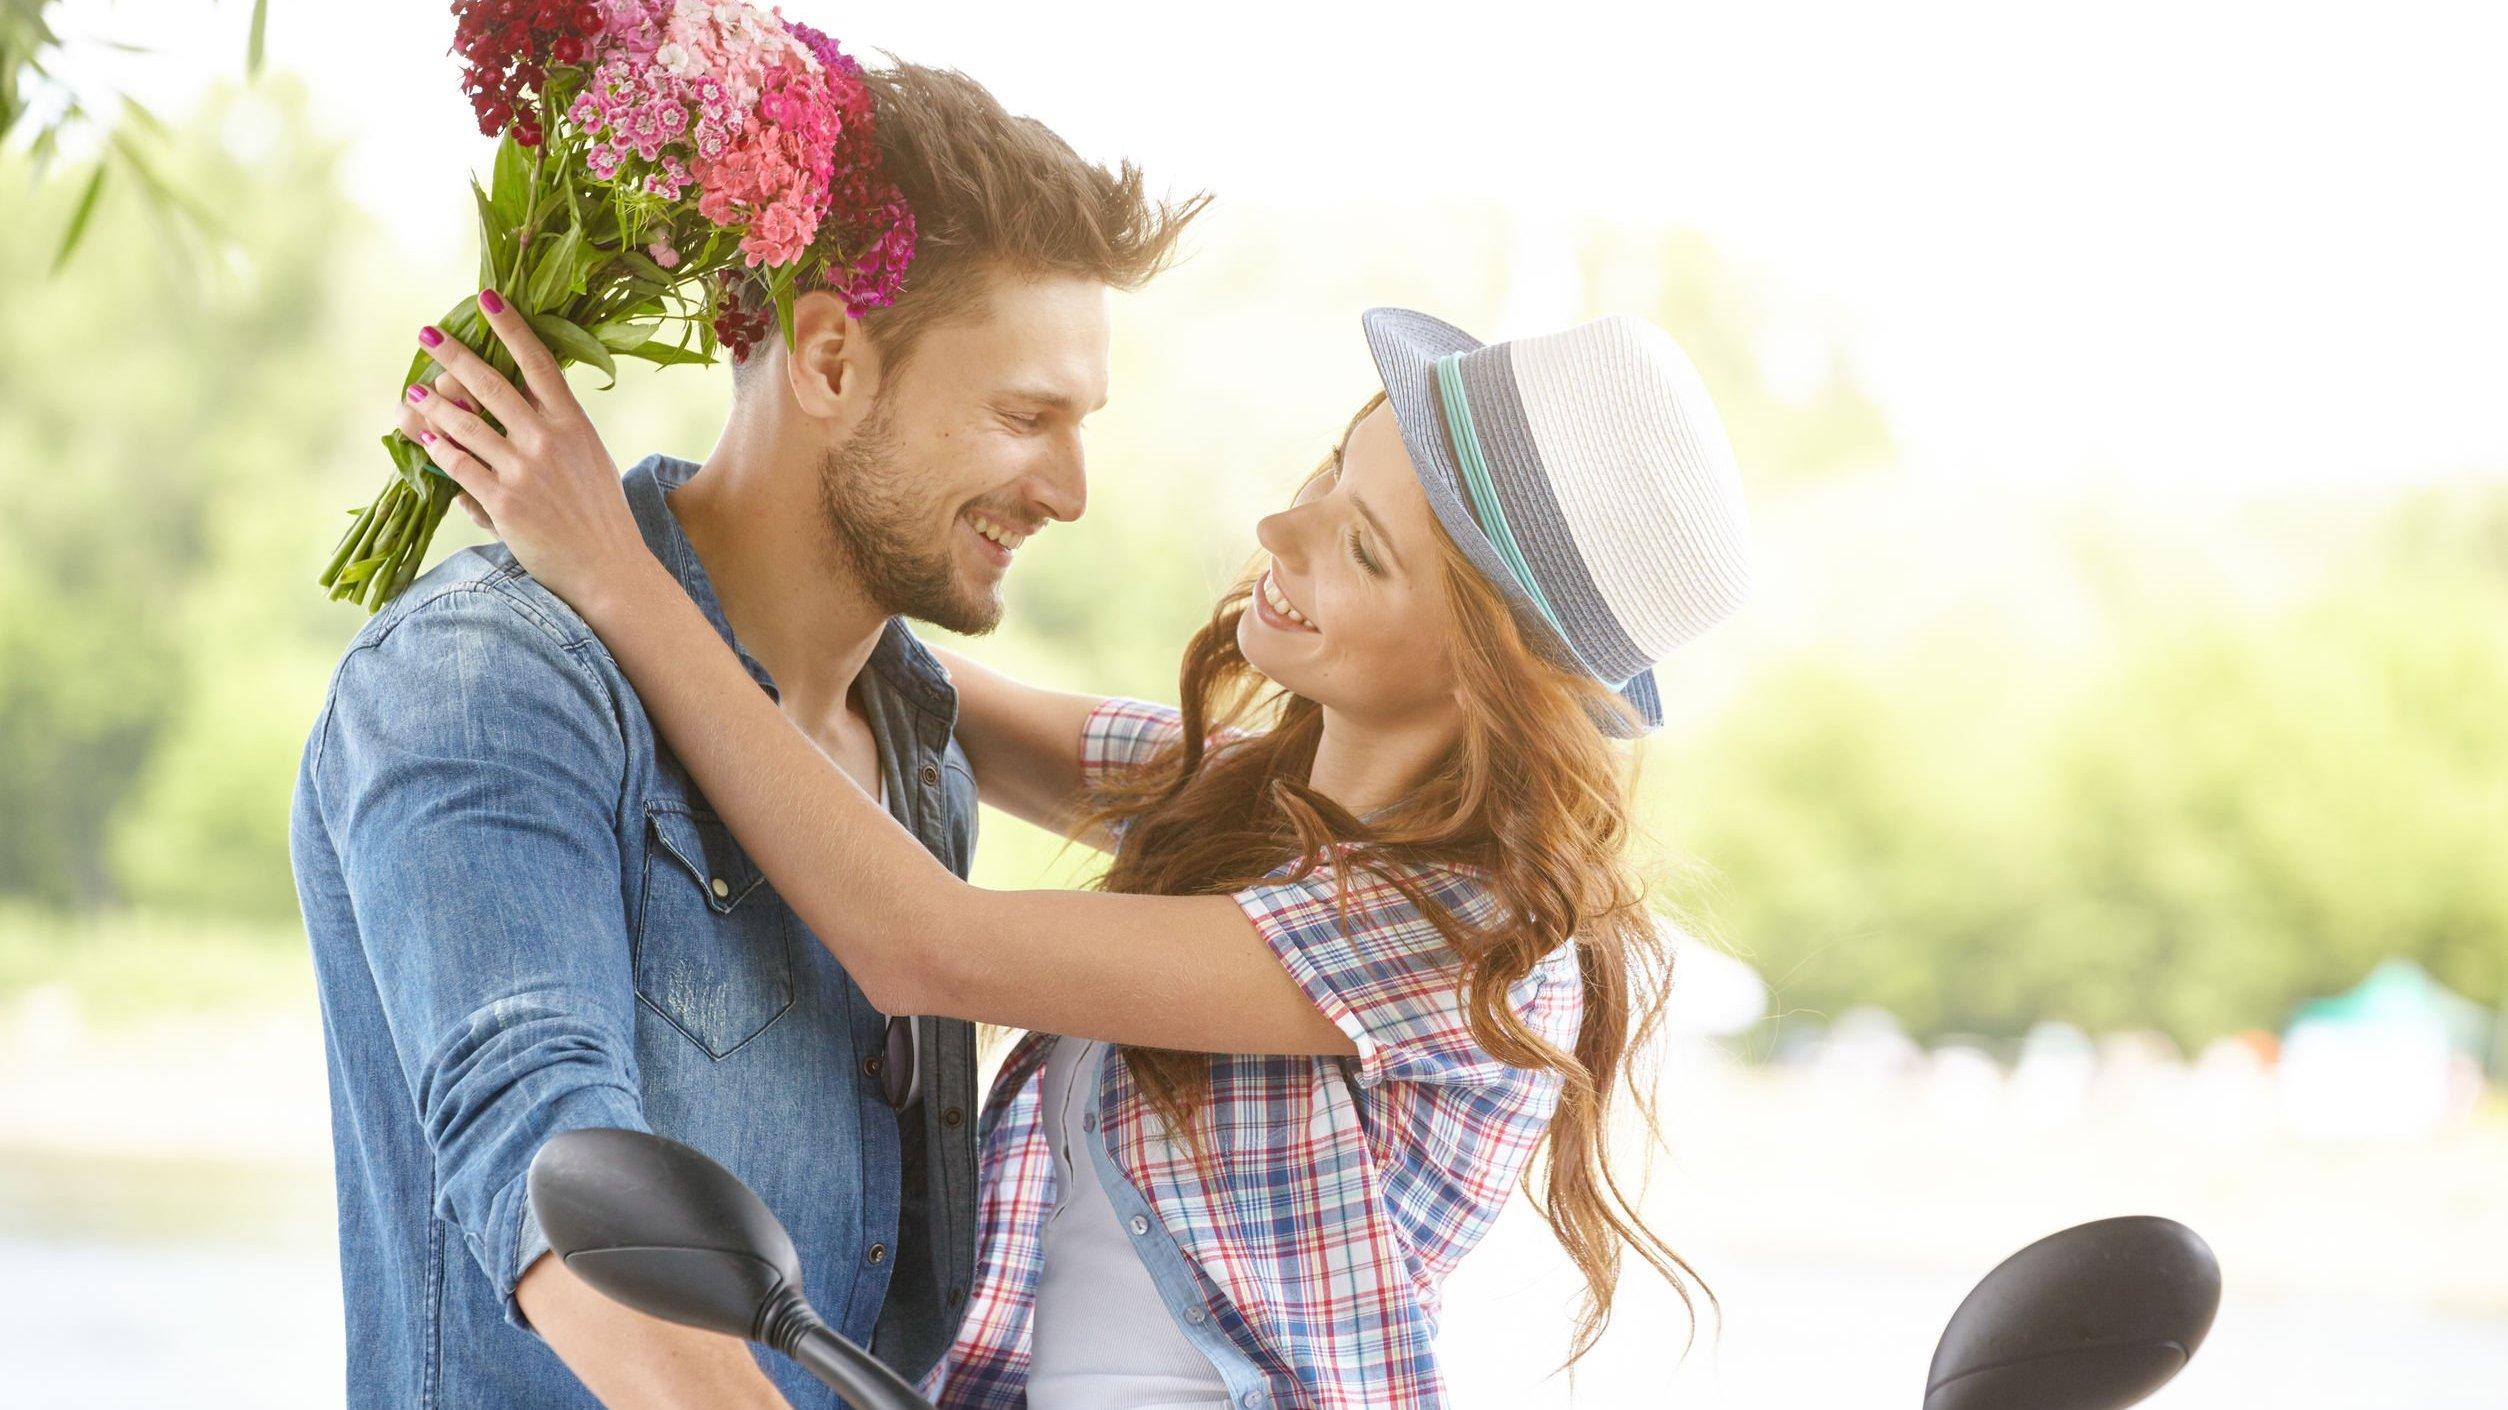 Mulher segurando buquê de flores rosas enquanto abraça homem